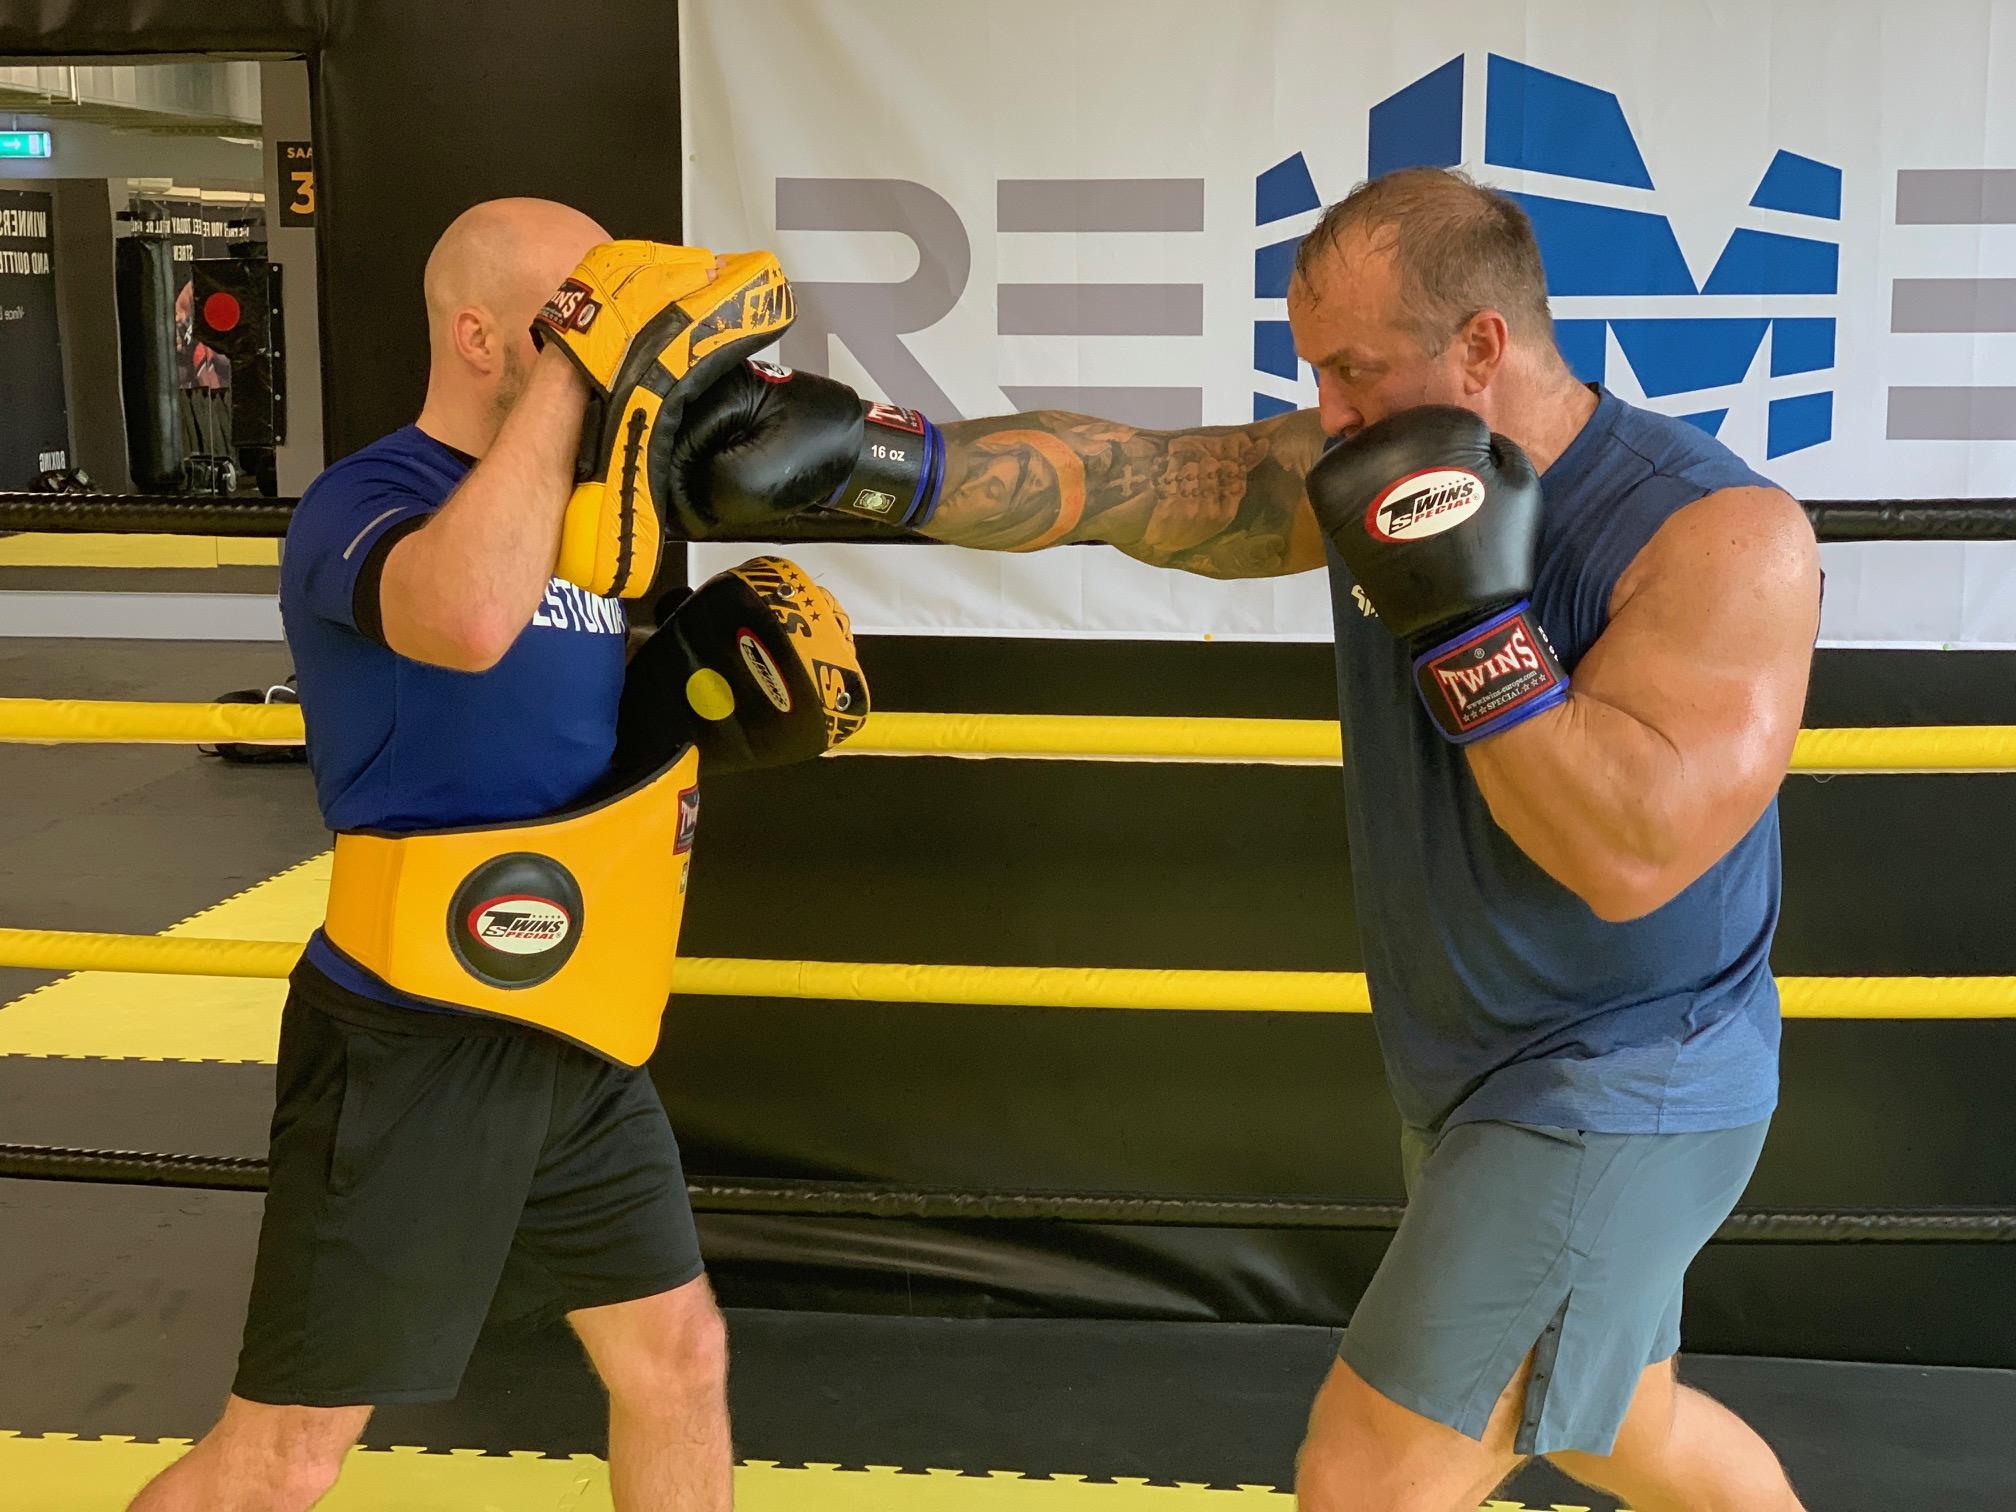 Kevin Renno Võitlusspordi Akadeemia tegi suveks ühekuised tai poksi proovikuud